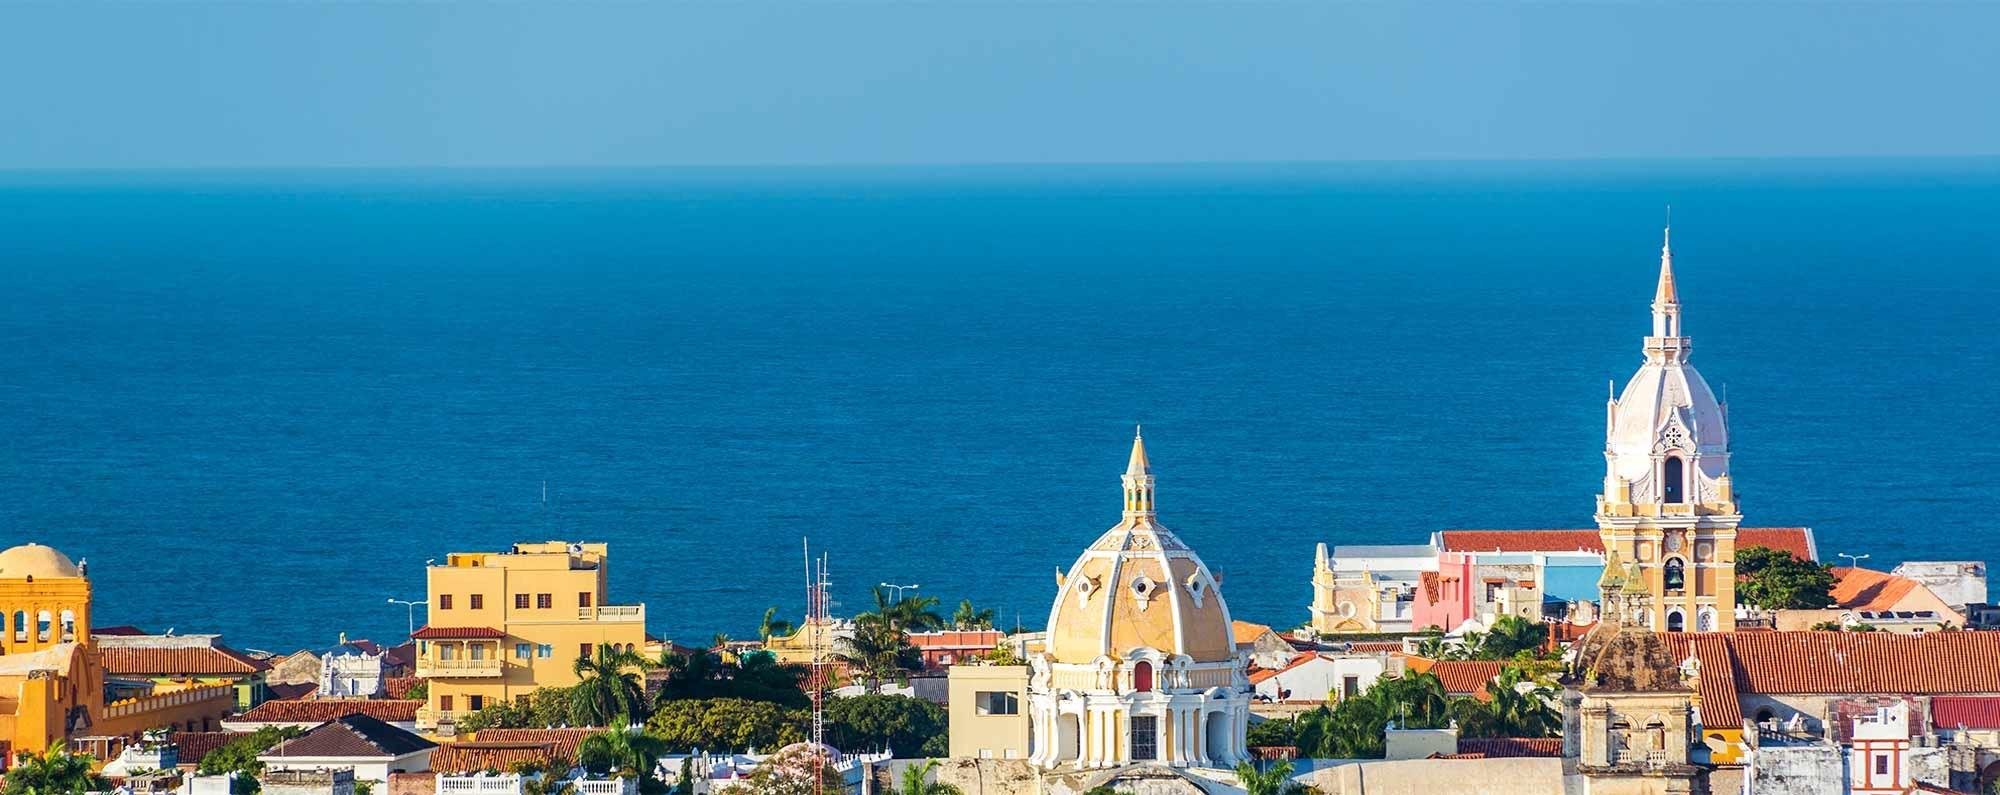 Alquiler de barcos en Cartagena de Indias